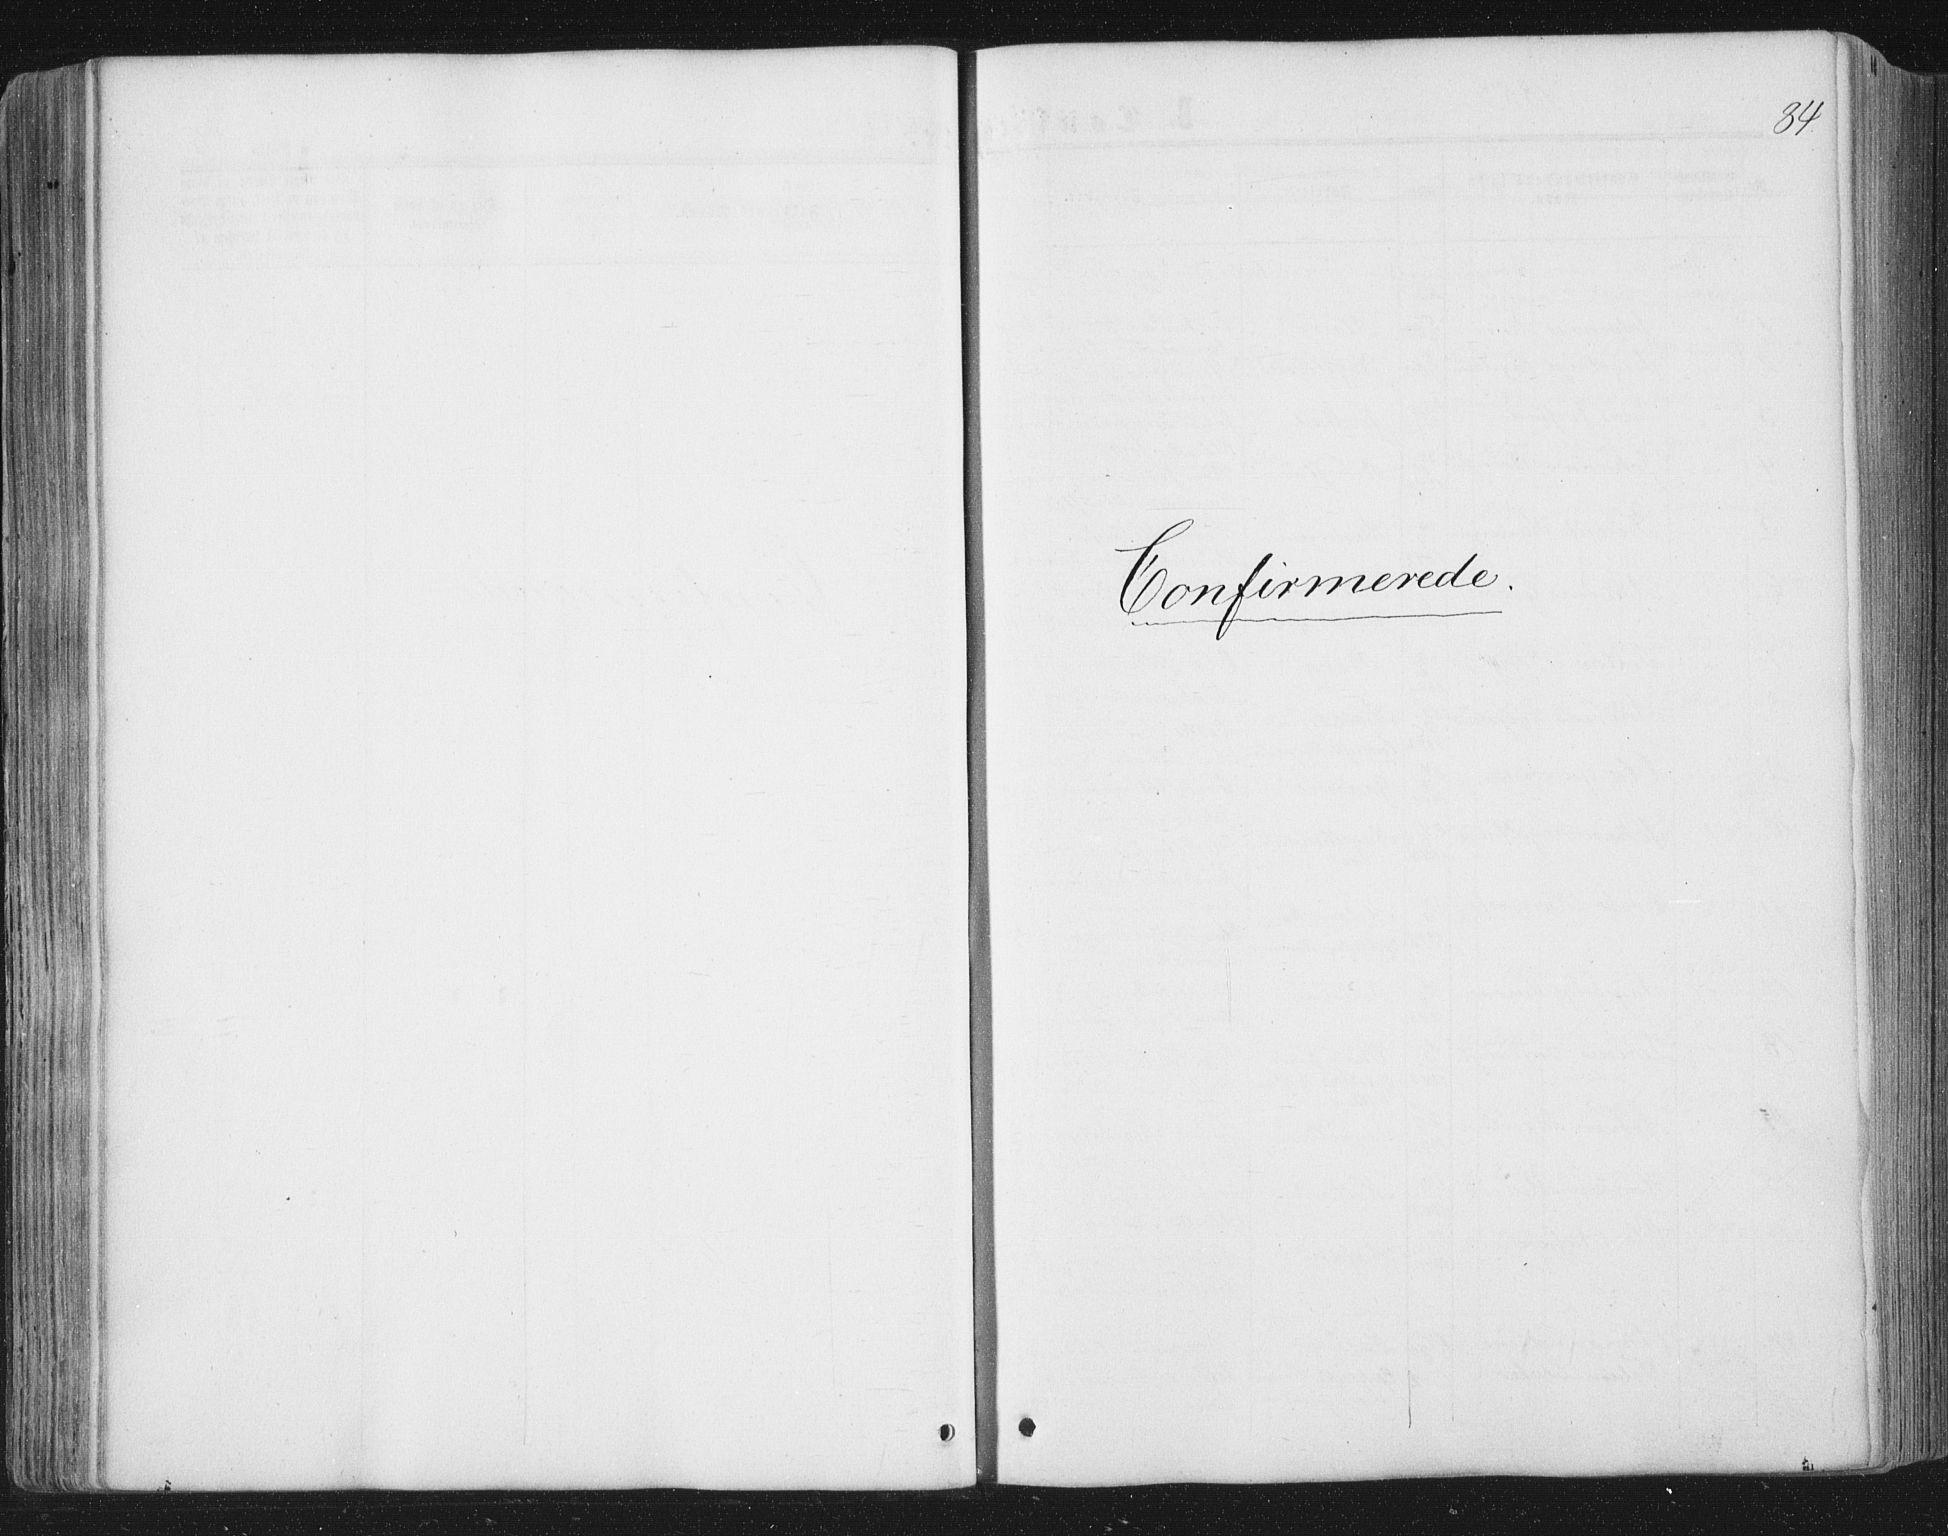 SAT, Ministerialprotokoller, klokkerbøker og fødselsregistre - Nord-Trøndelag, 749/L0472: Ministerialbok nr. 749A06, 1857-1873, s. 84